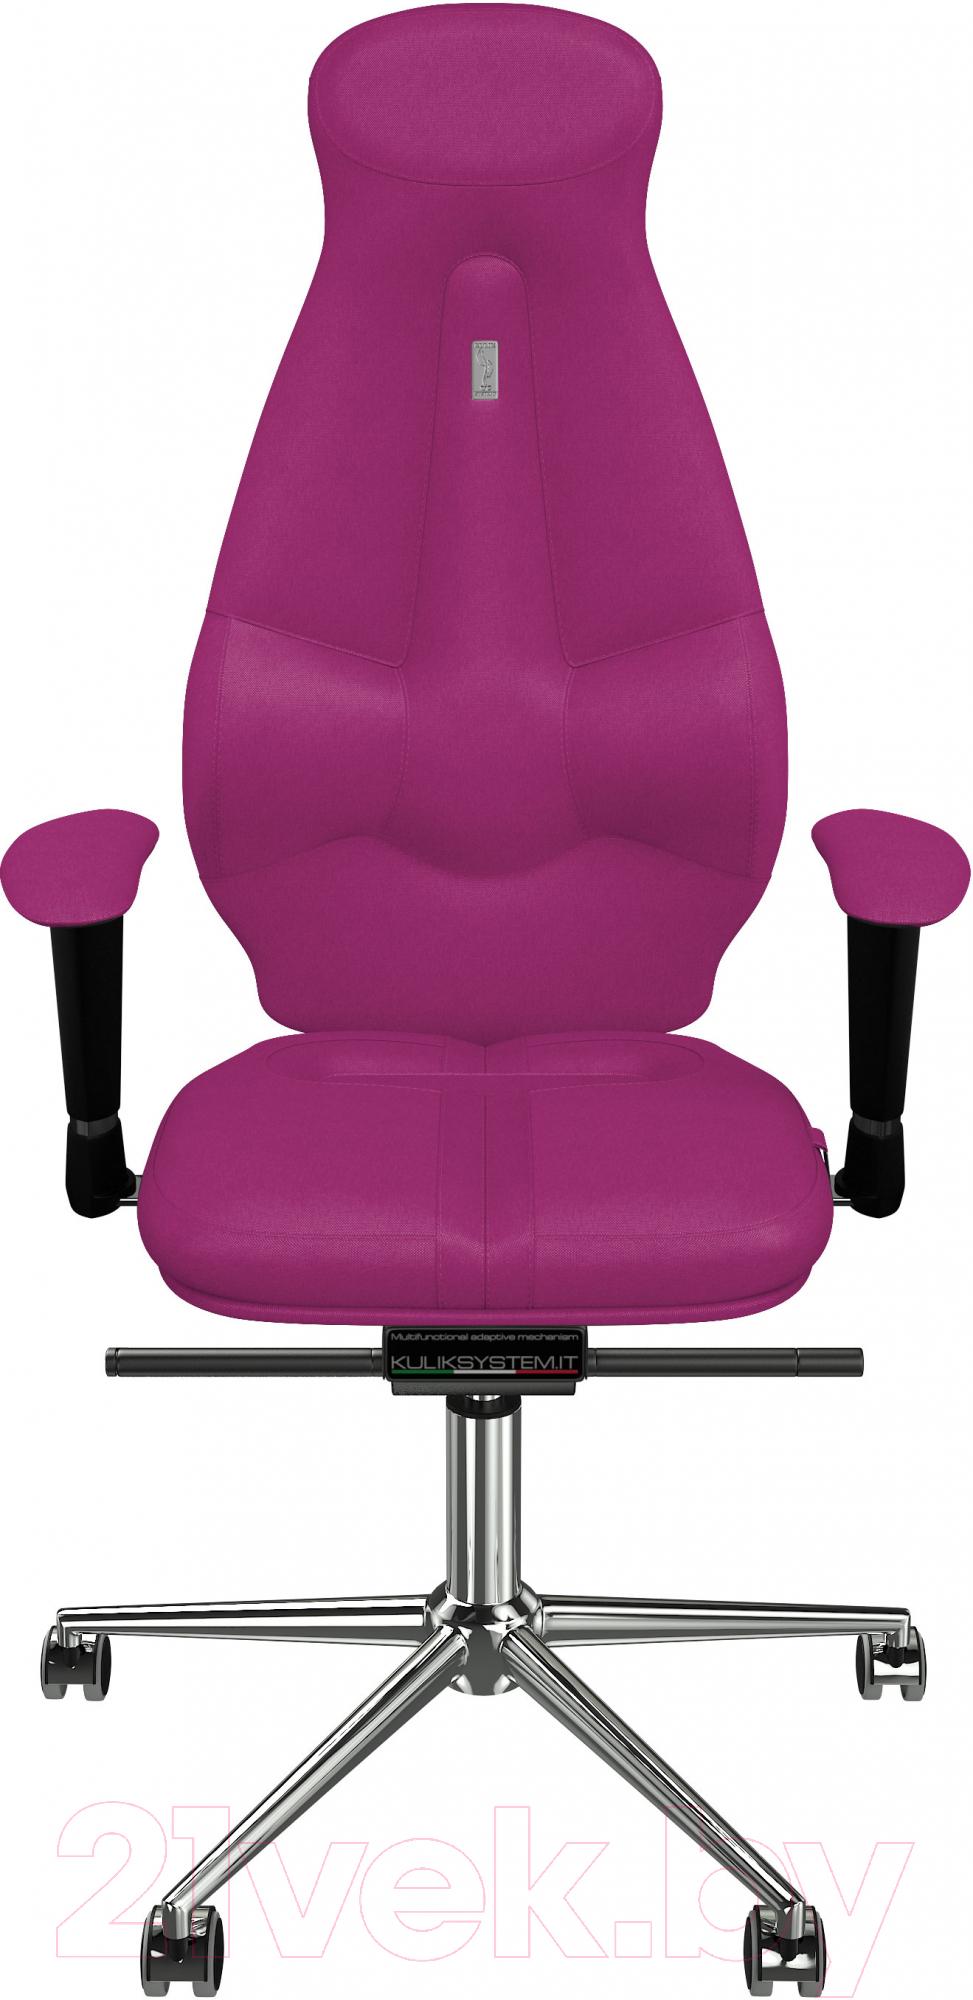 Купить Кресло офисное Kulik System, Galaxy азур (розовый), Украина, Galaxy (Kulik System)